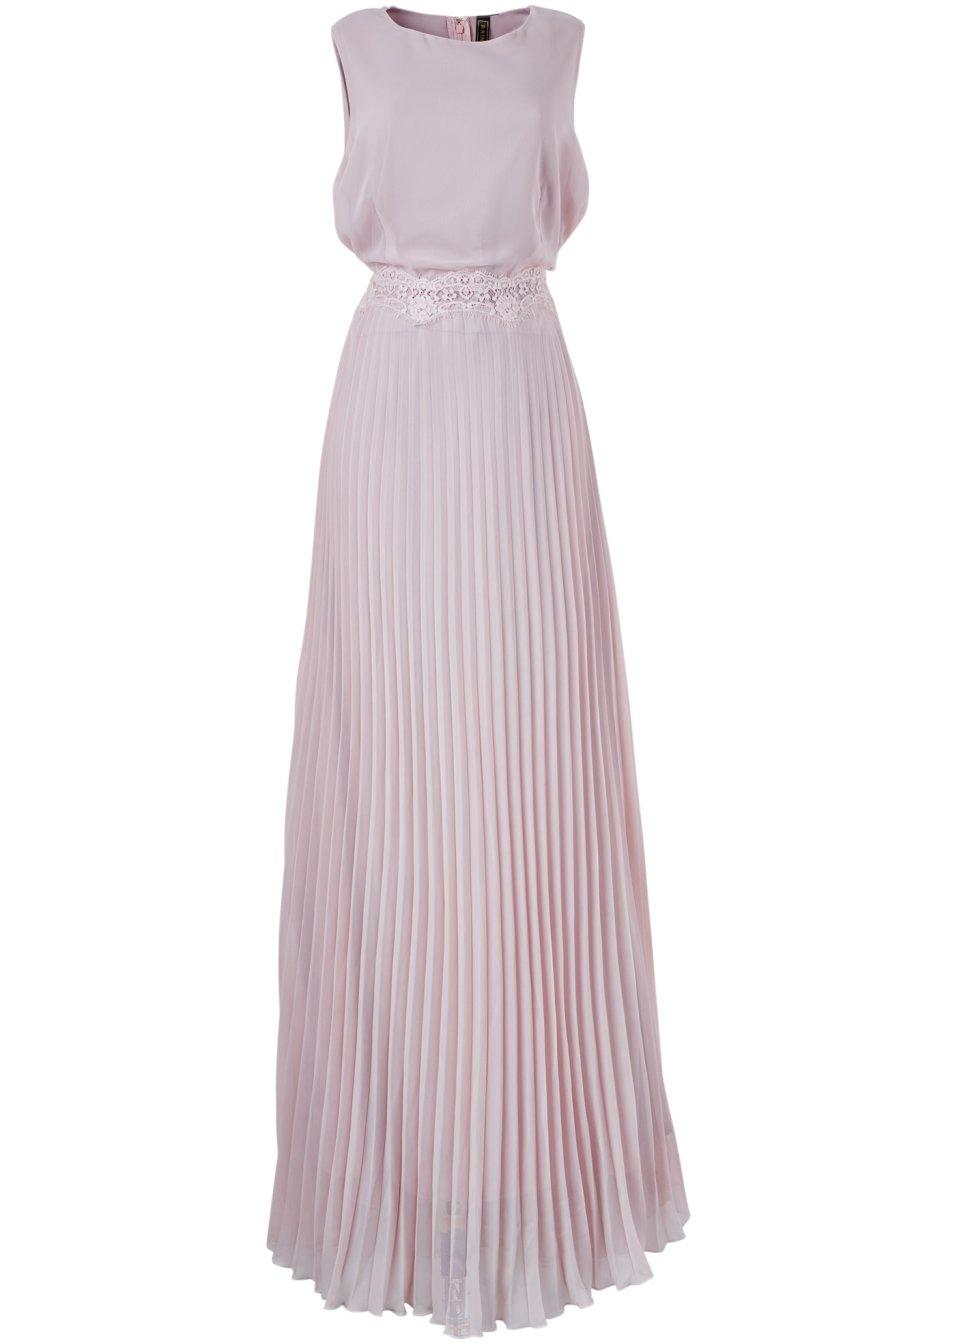 Glamuröse Kleider in lila bei bonprix entdecken!